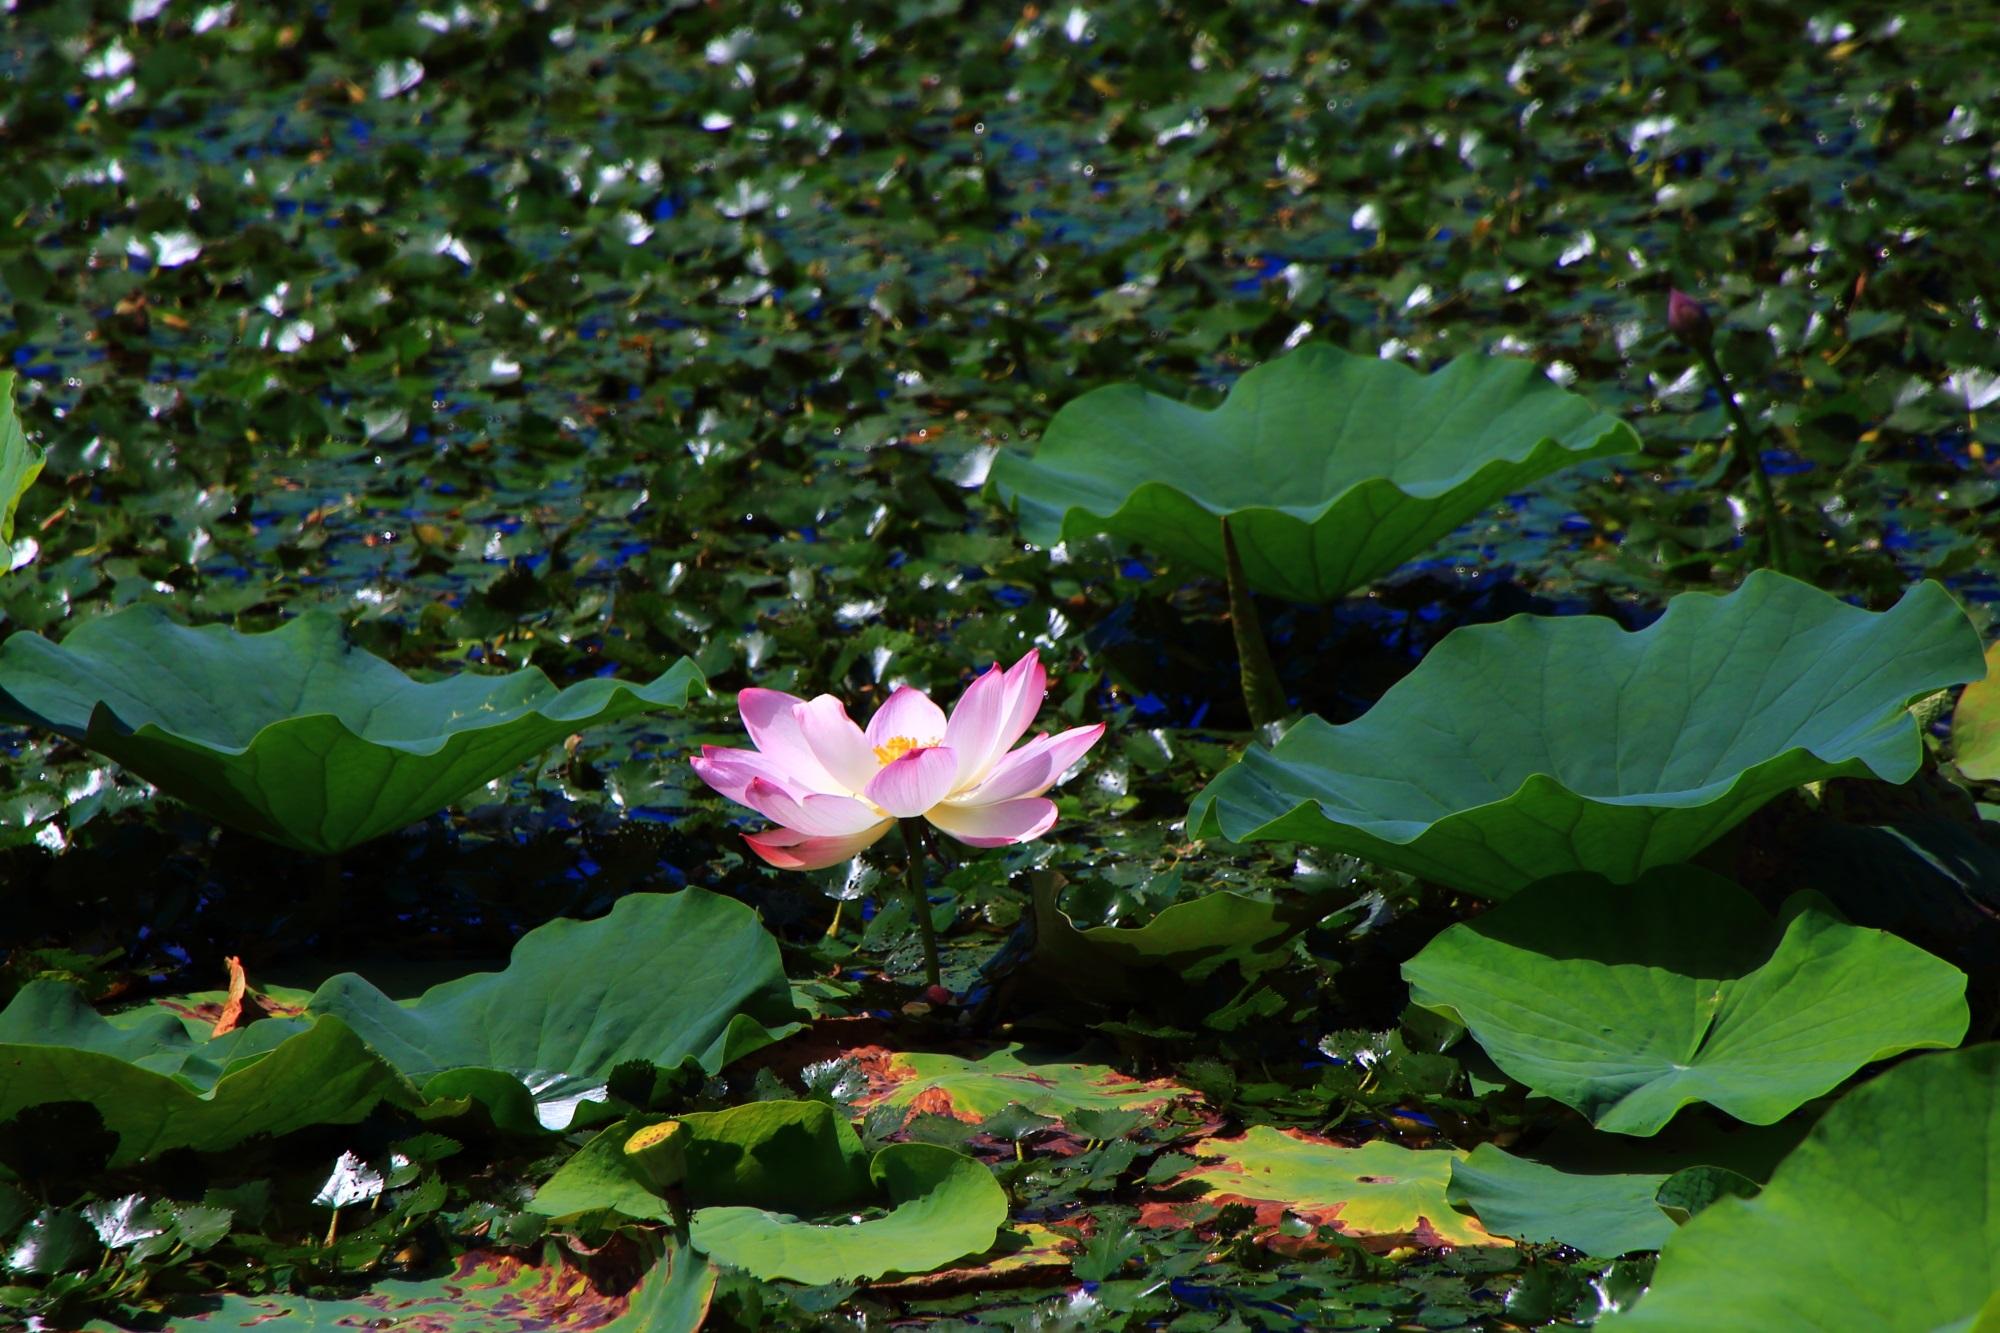 大覚寺の濃い緑の上で夏風にそよぐピンクの蓮の花